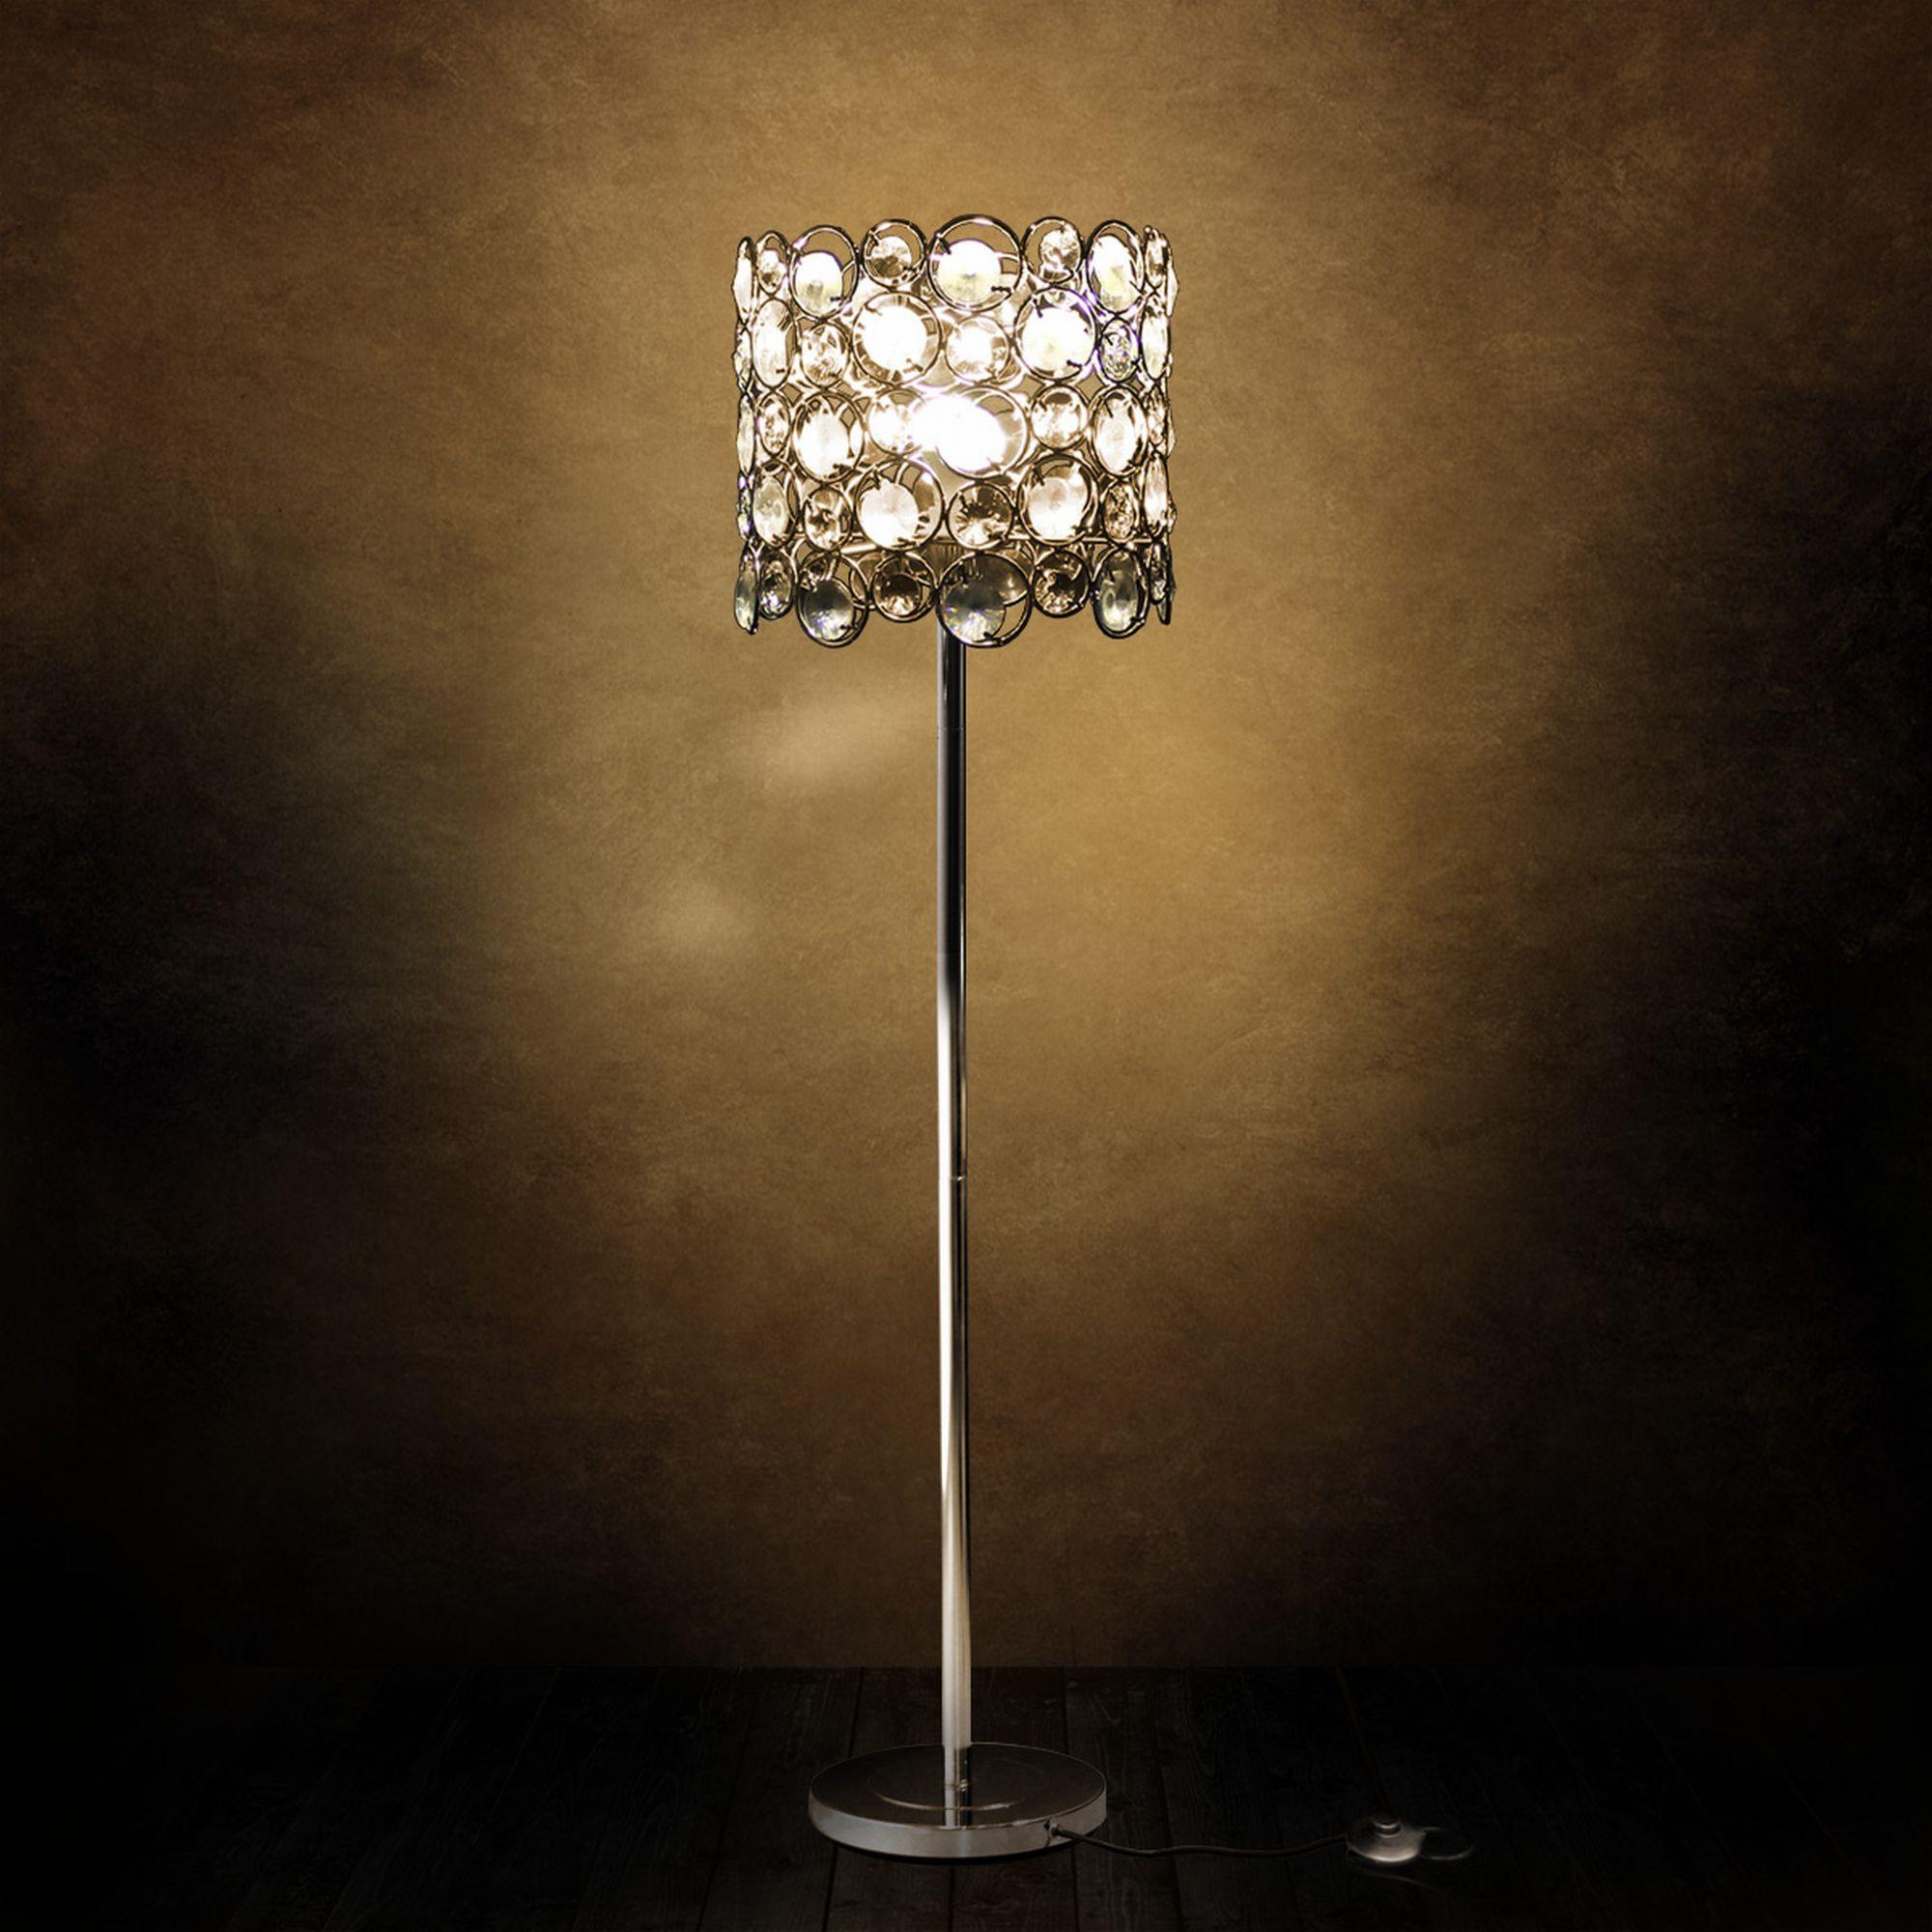 KRISTALL Stehleuchte Stehlampe Wohnzimmerlampe Leuchte Standleuchte Leuchte  eBay